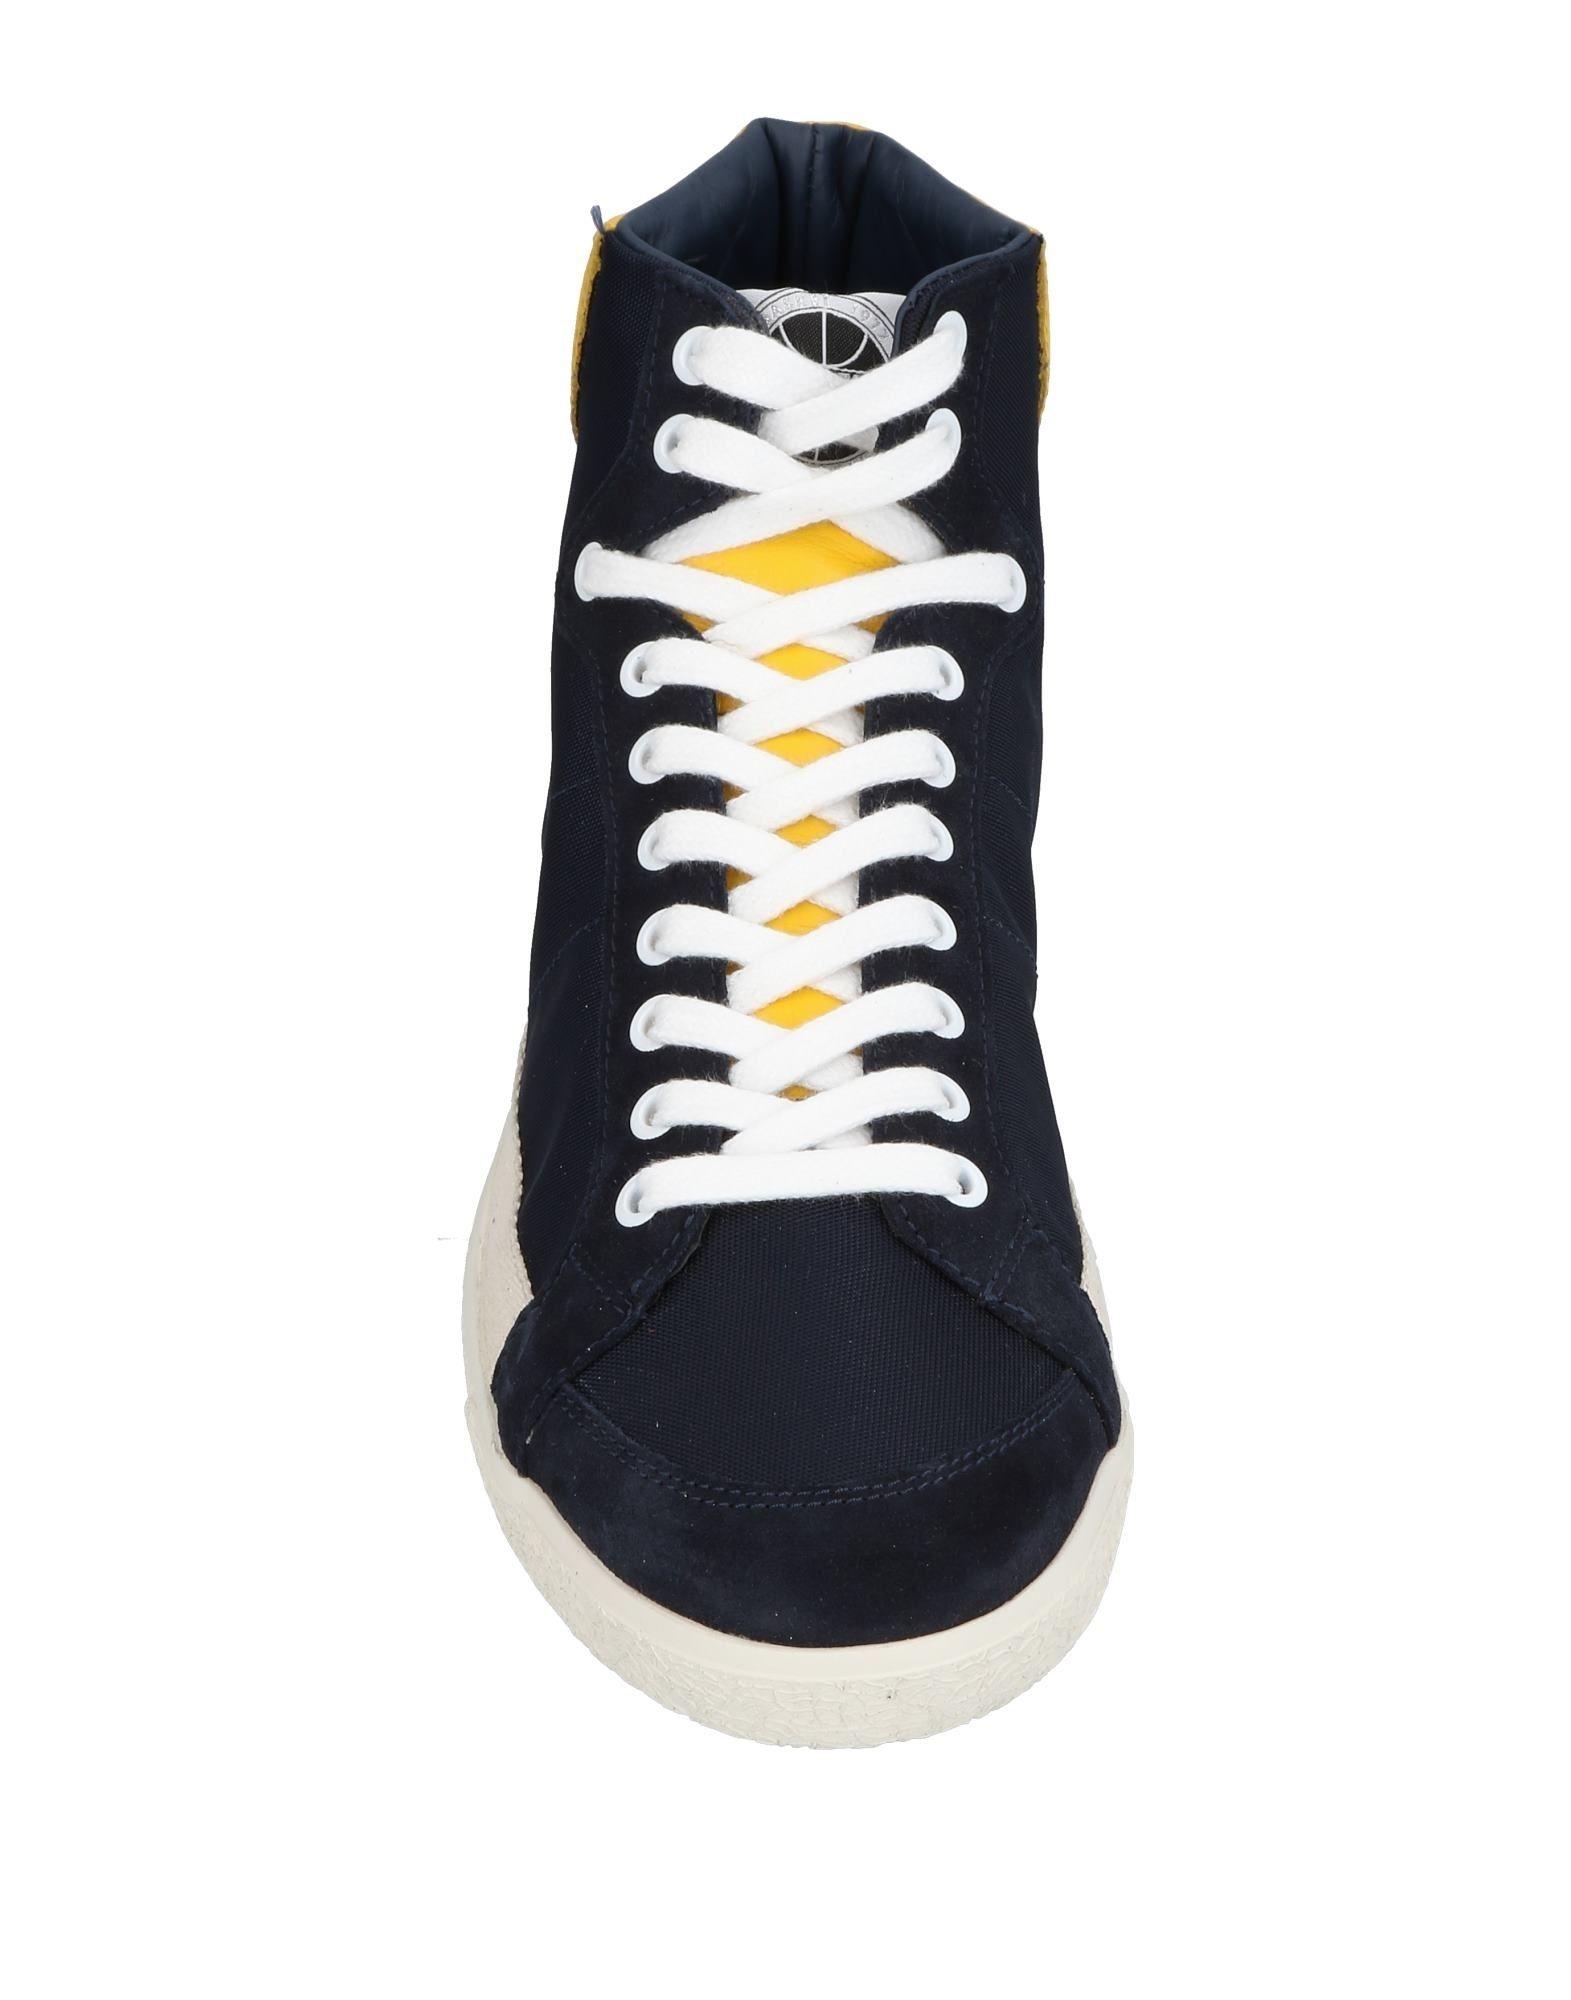 Pantofola D'oro Sneakers Herren beliebte  11456926GK Gute Qualität beliebte Herren Schuhe 160370